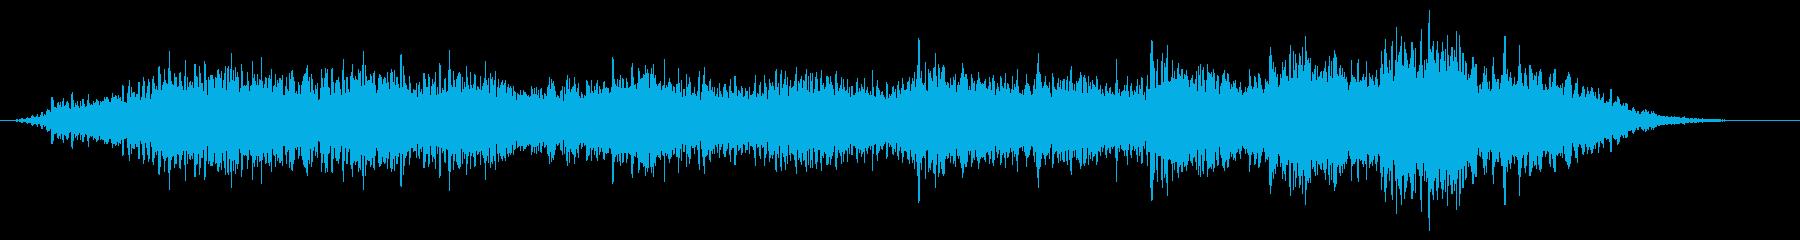 宇宙での交信を表現したアンビエントの再生済みの波形